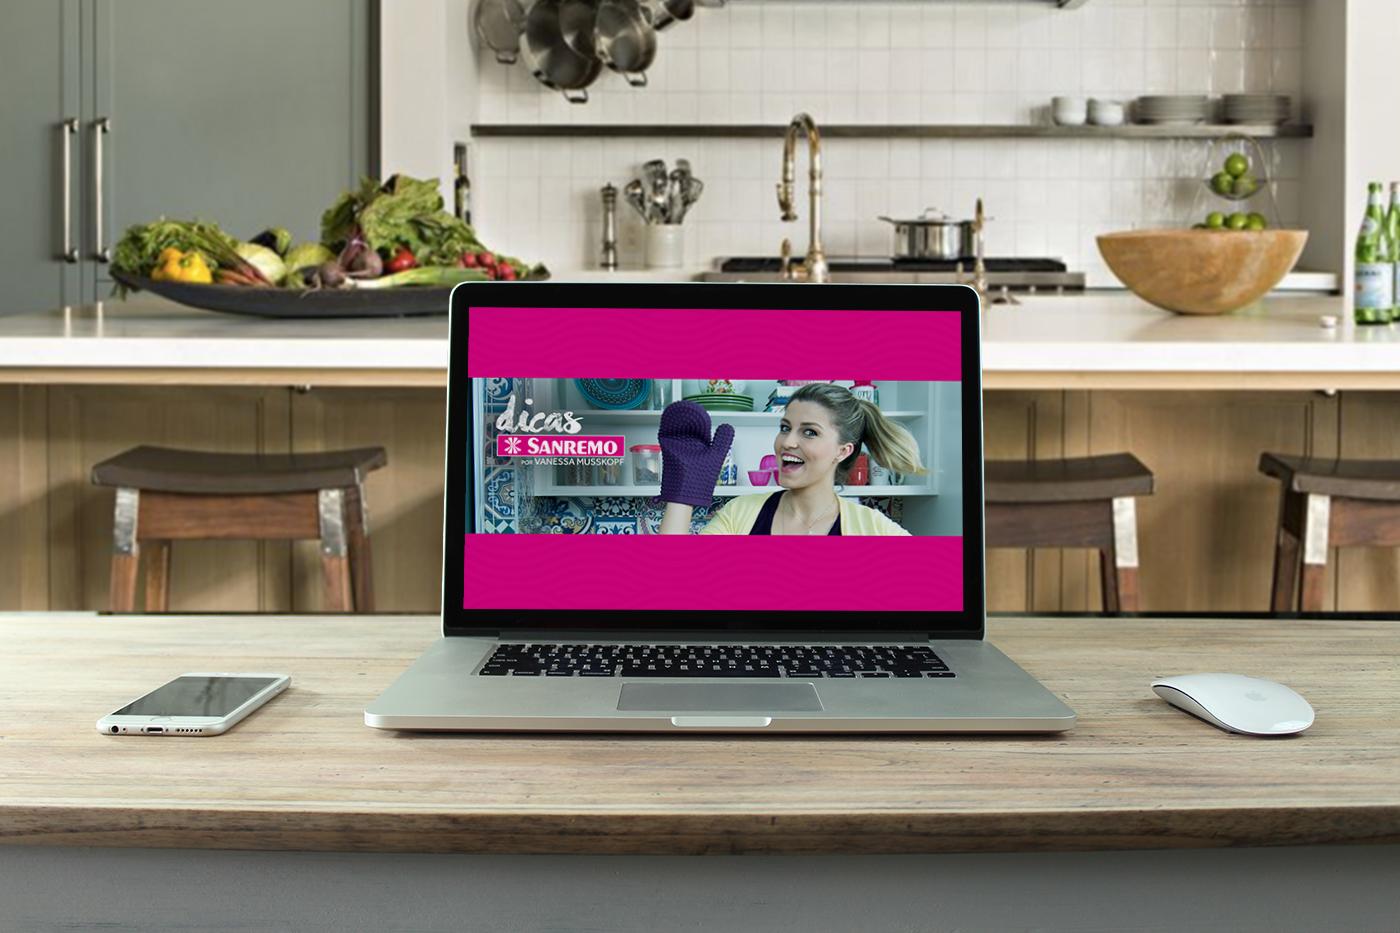 miniatura video graphic design  digital design Redes Sociais cards sanremo receitas culinária DIY